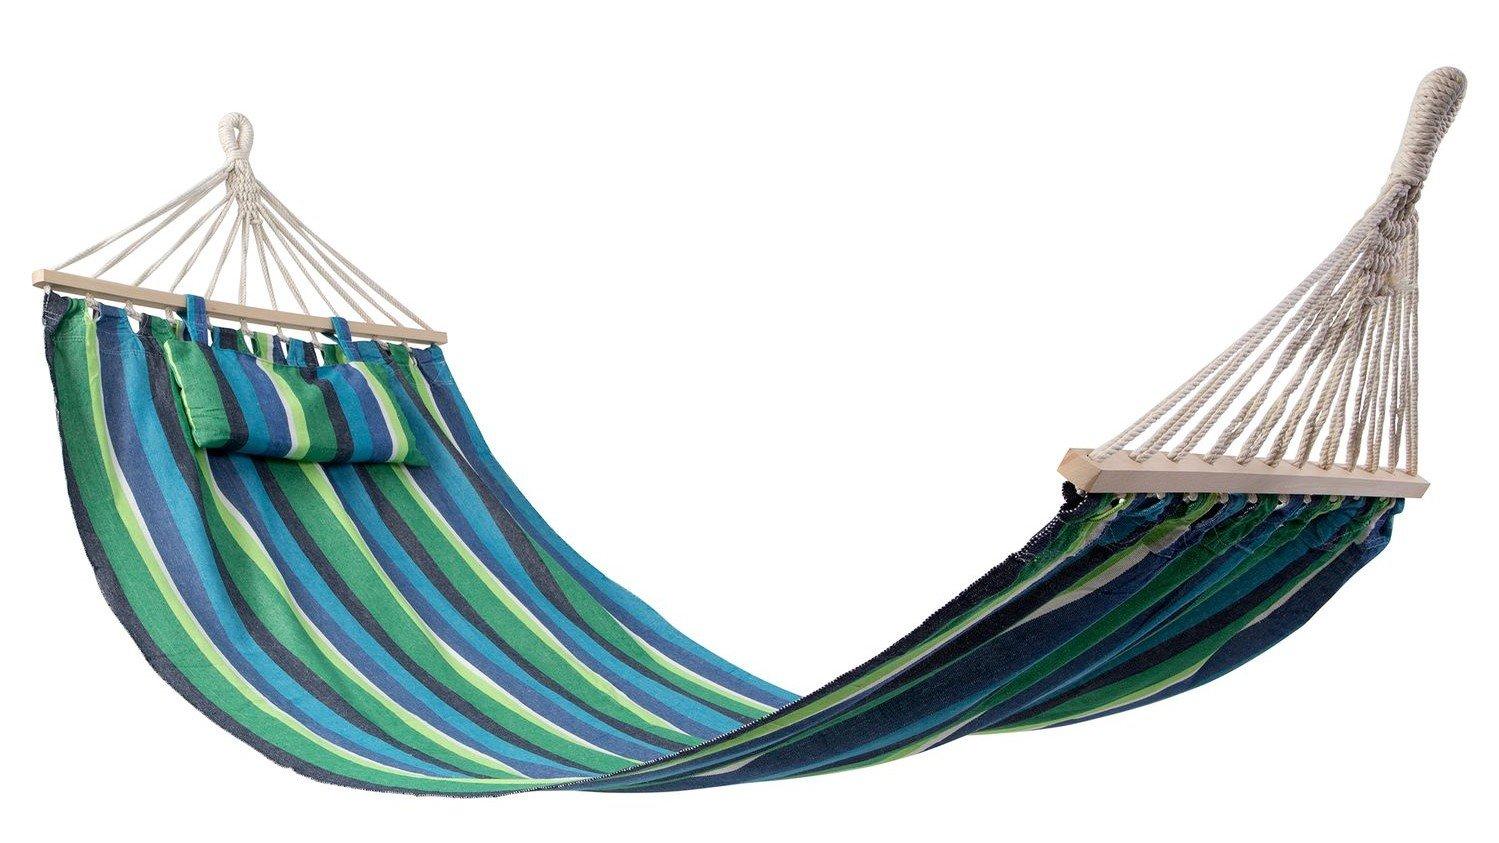 KASA Amaca da Giardino all'Aperto con Cuscino, Strisce Blu, Tessuto di Cotone, 200x100cm